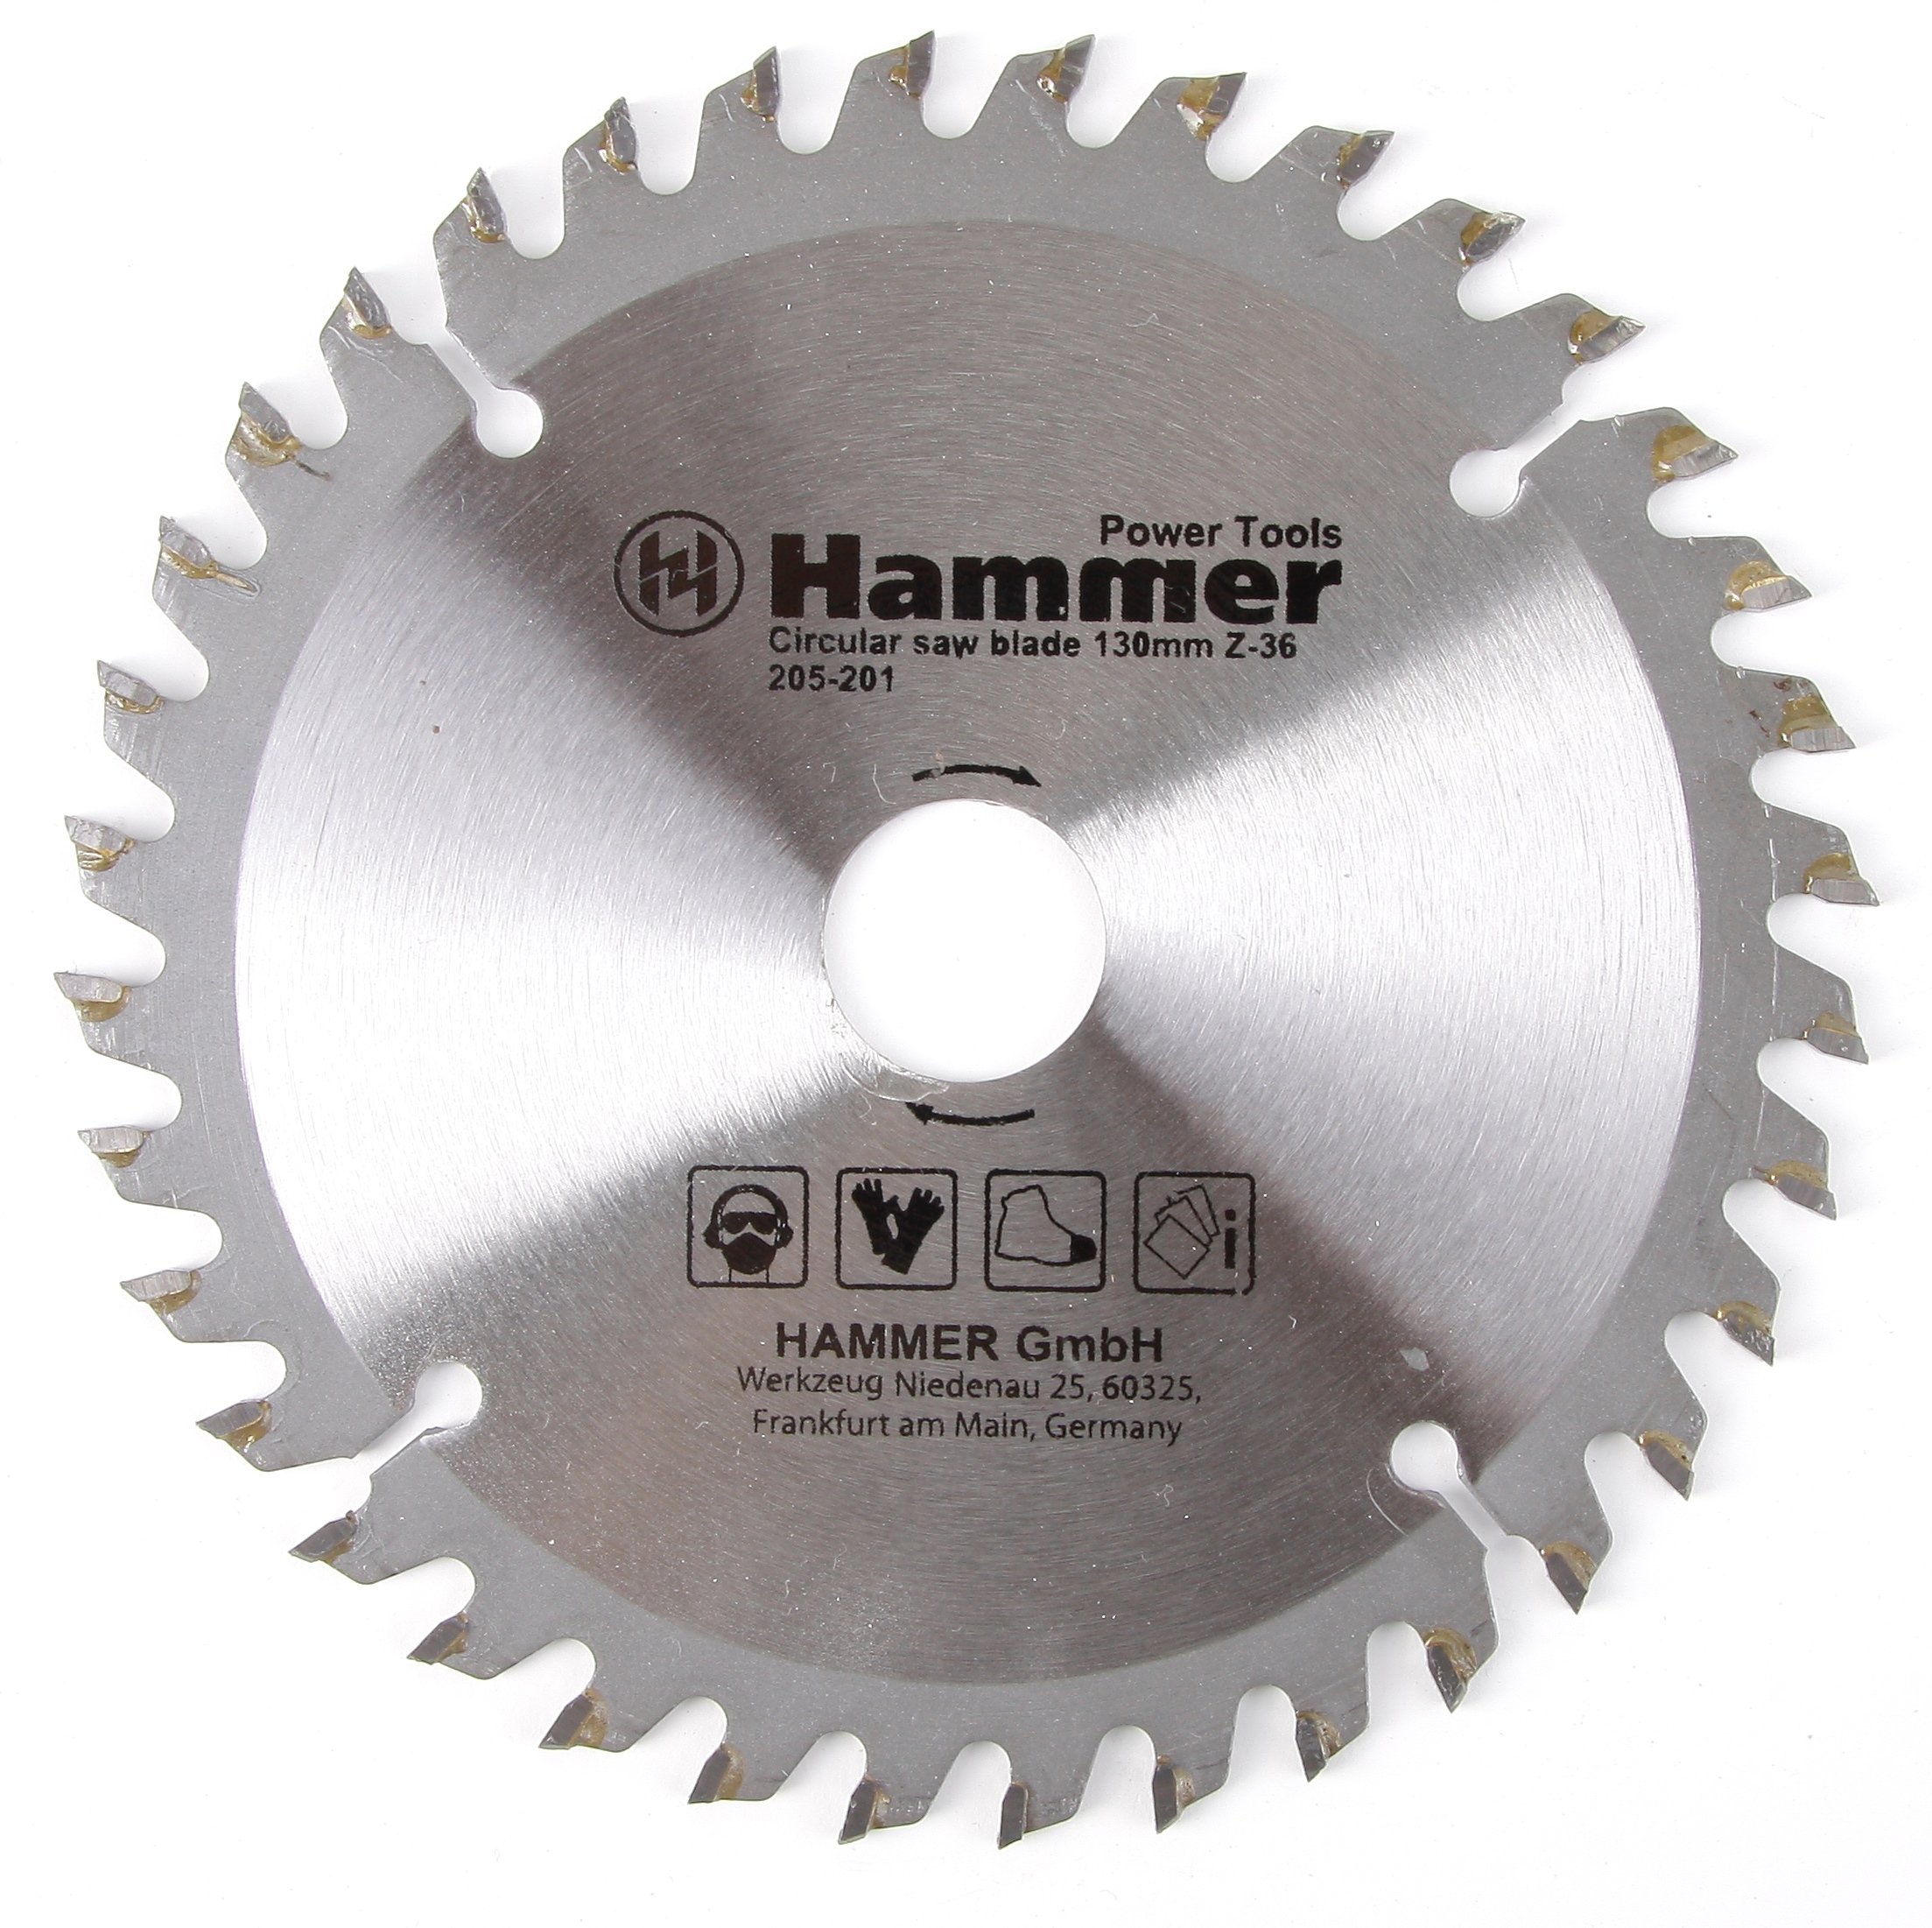 Диск пильный твердосплавный Hammer 205-201 130х20/16мм 36 зуб. диск тв сп практика 130х20 16 z 48 t 1 8 mm ламинат 775 259